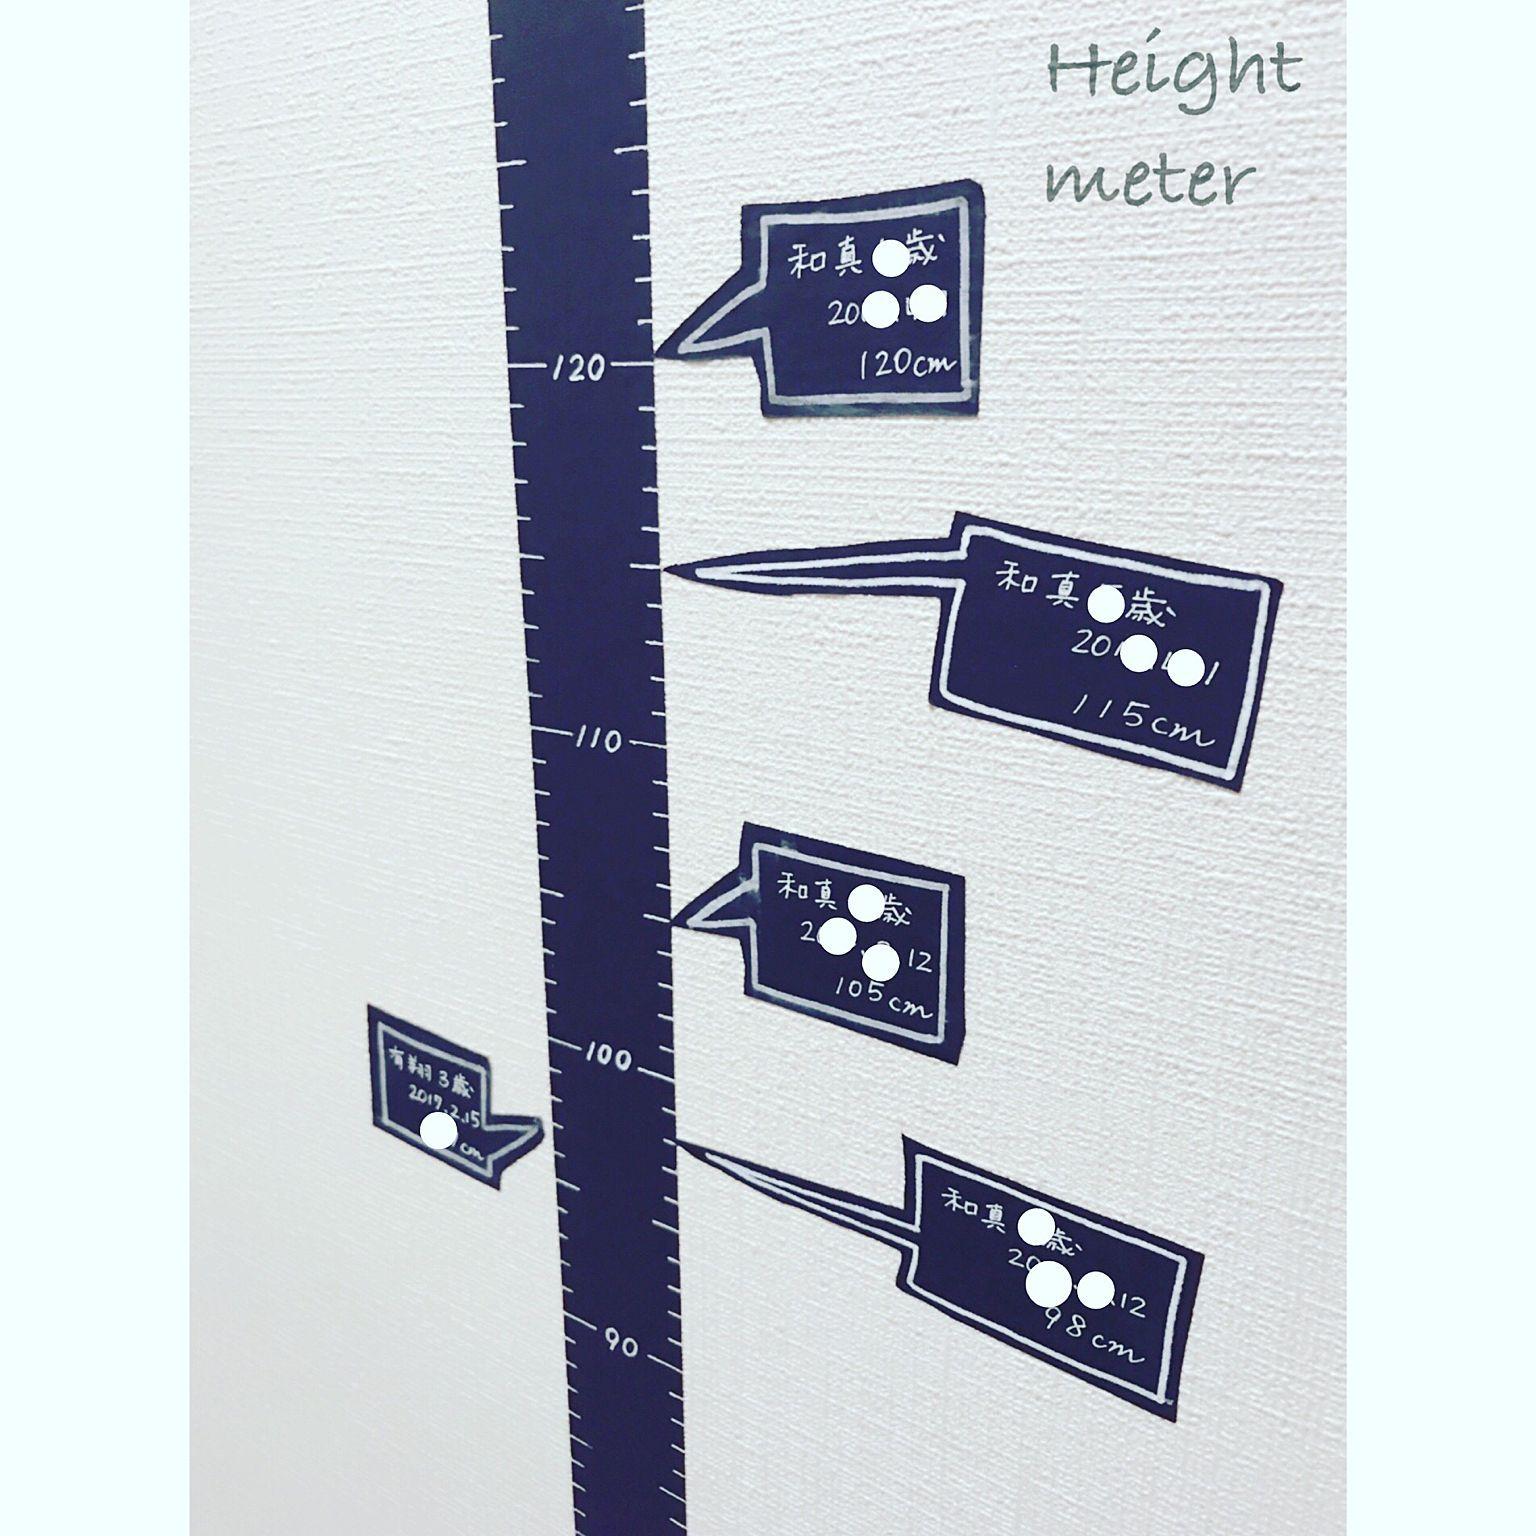 壁 天井 一目で分かる 手作り 身長計 ポスカ などのインテリア実例 2017 08 23 20 35 54 Roomclip ルームクリップ 子供 身長 手作り インテリア